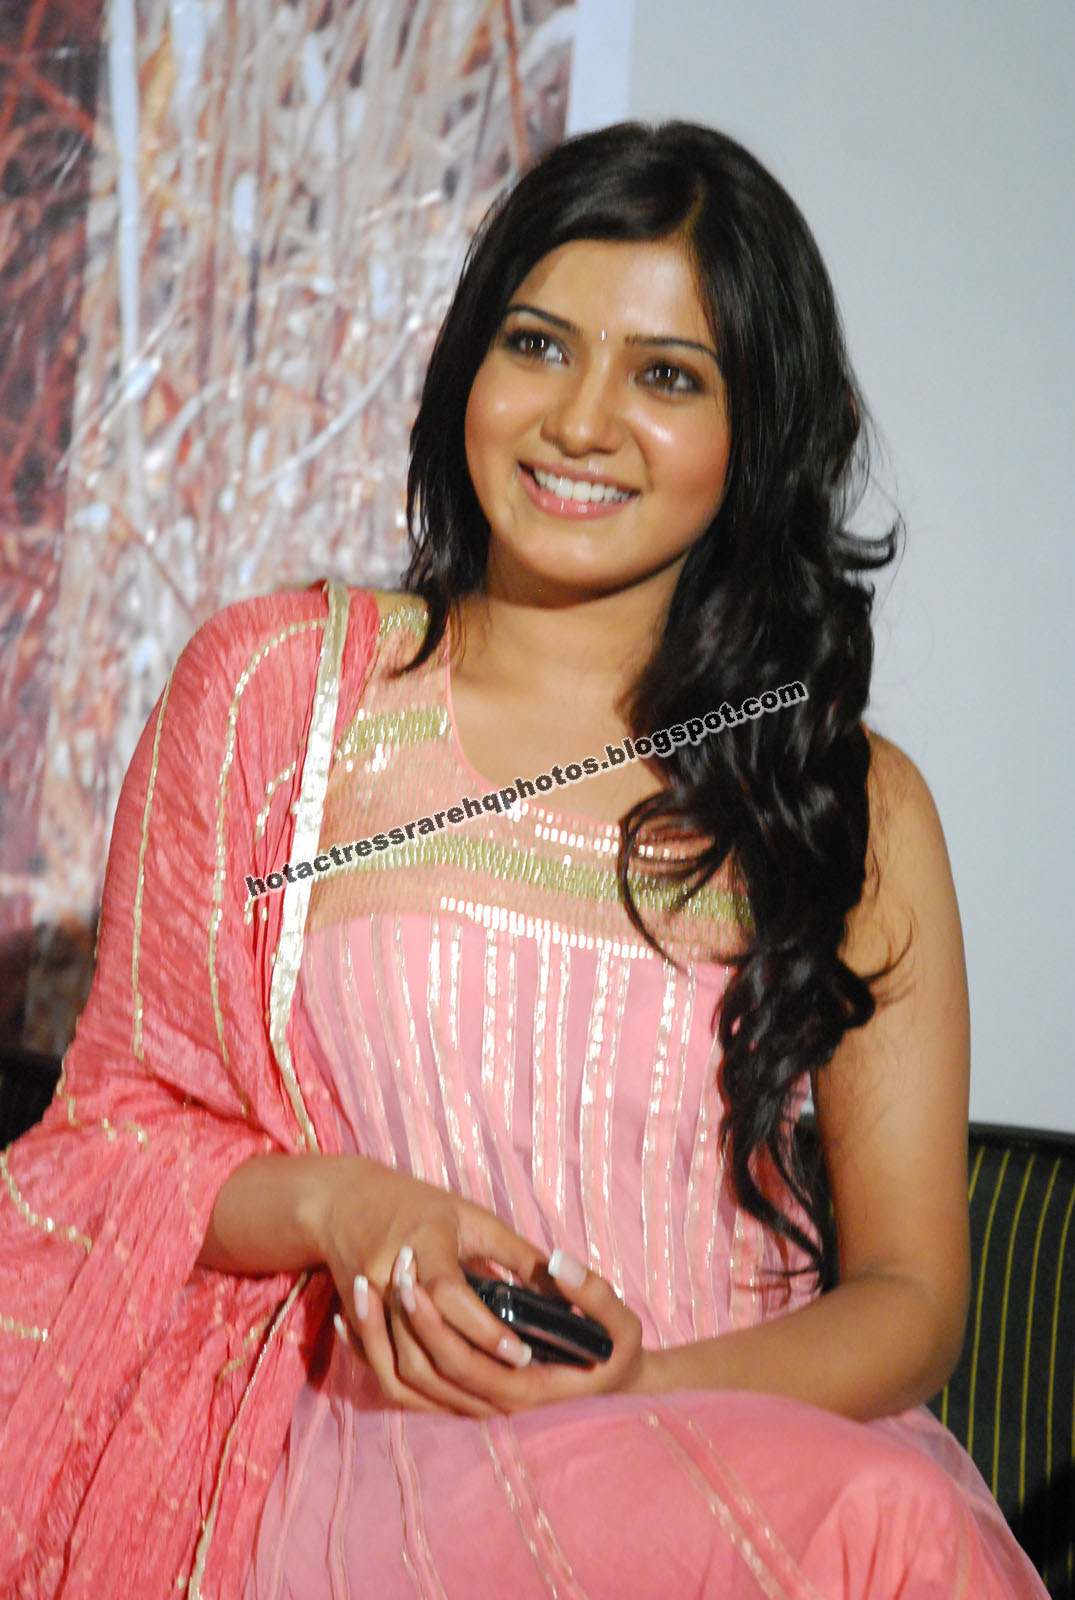 Pin on Samantha Ruth Prabhu